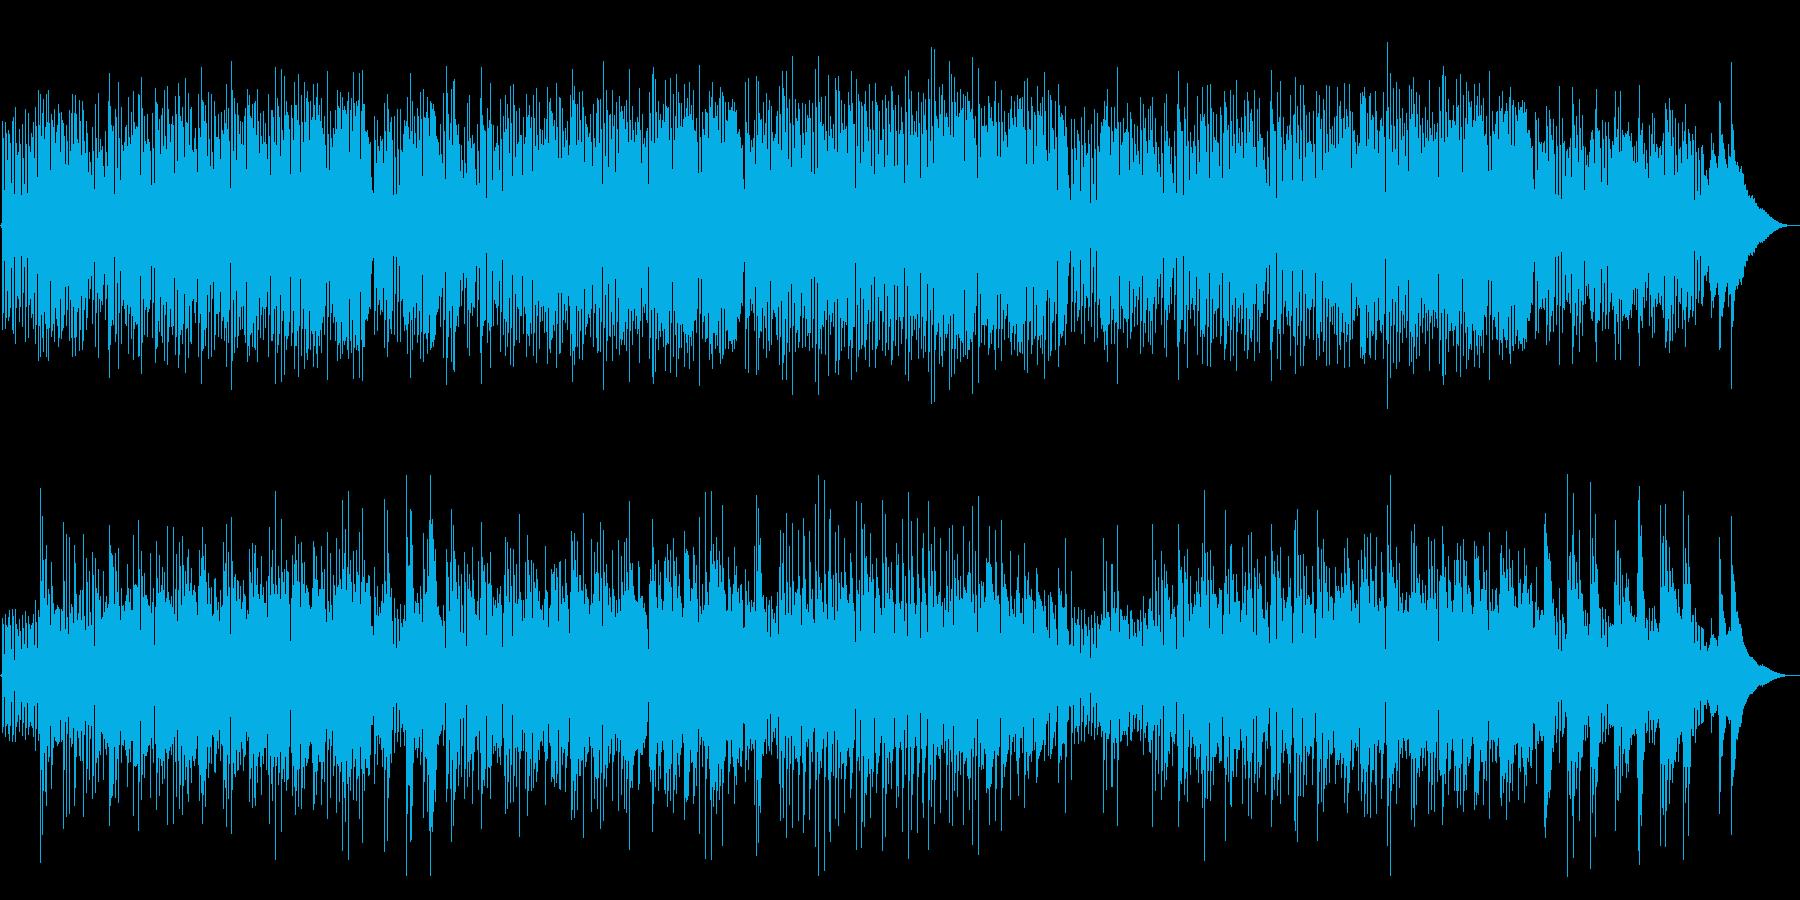 カフェ系生演奏アコースティックギター企業の再生済みの波形